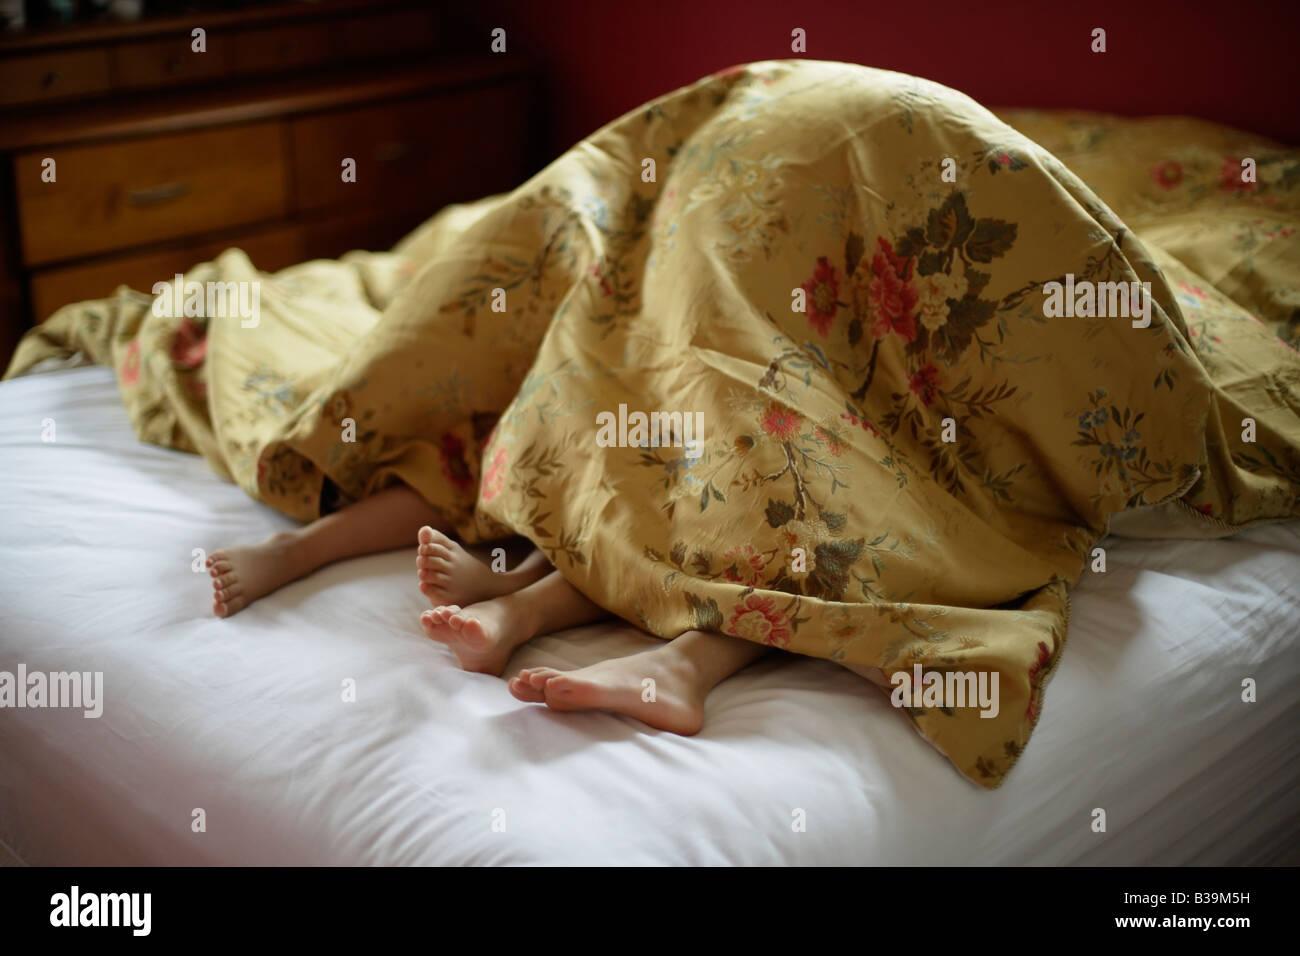 Bruder und Schwester unter Abdeckungen der übergeordneten s Bett Mädchen im Alter von 5 und 6 junge Stockbild